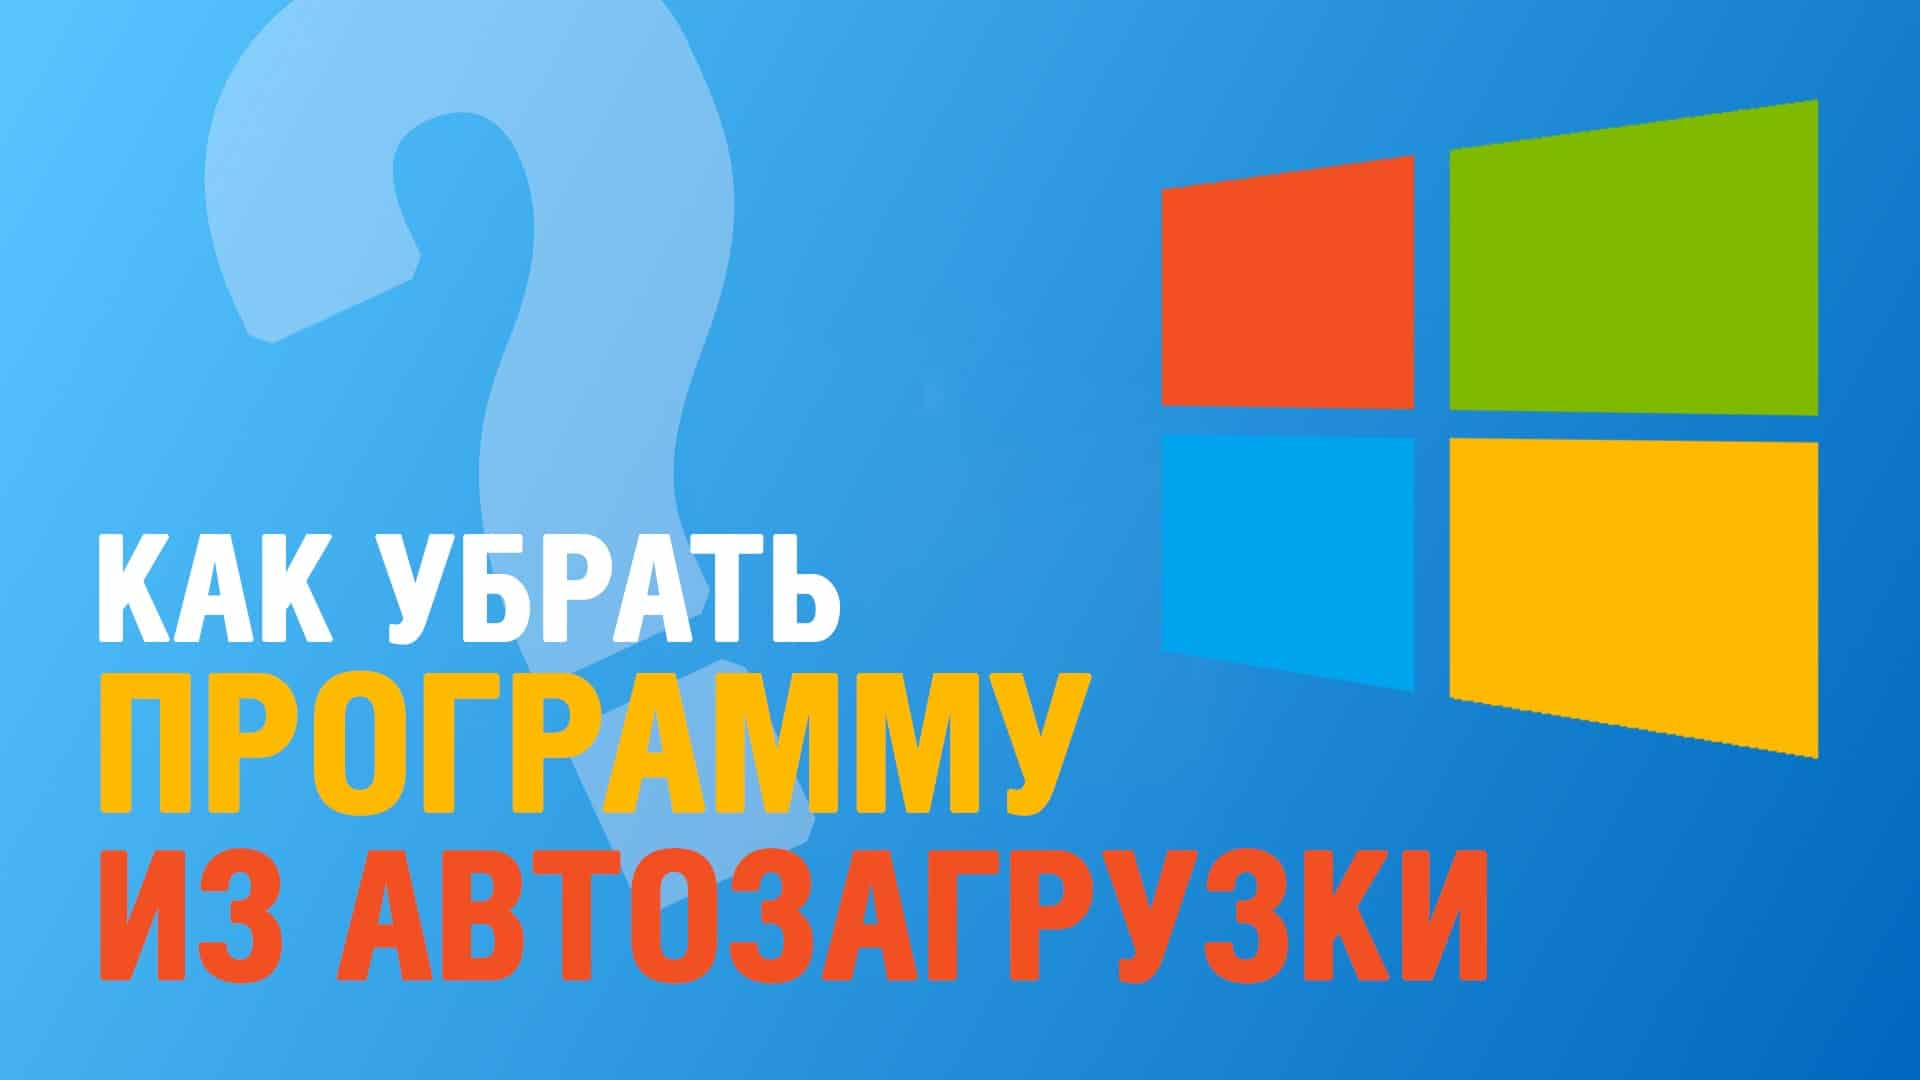 Как убрать ненужные программы из автозапуска Windows чтобы ускорить загрузку компьютера